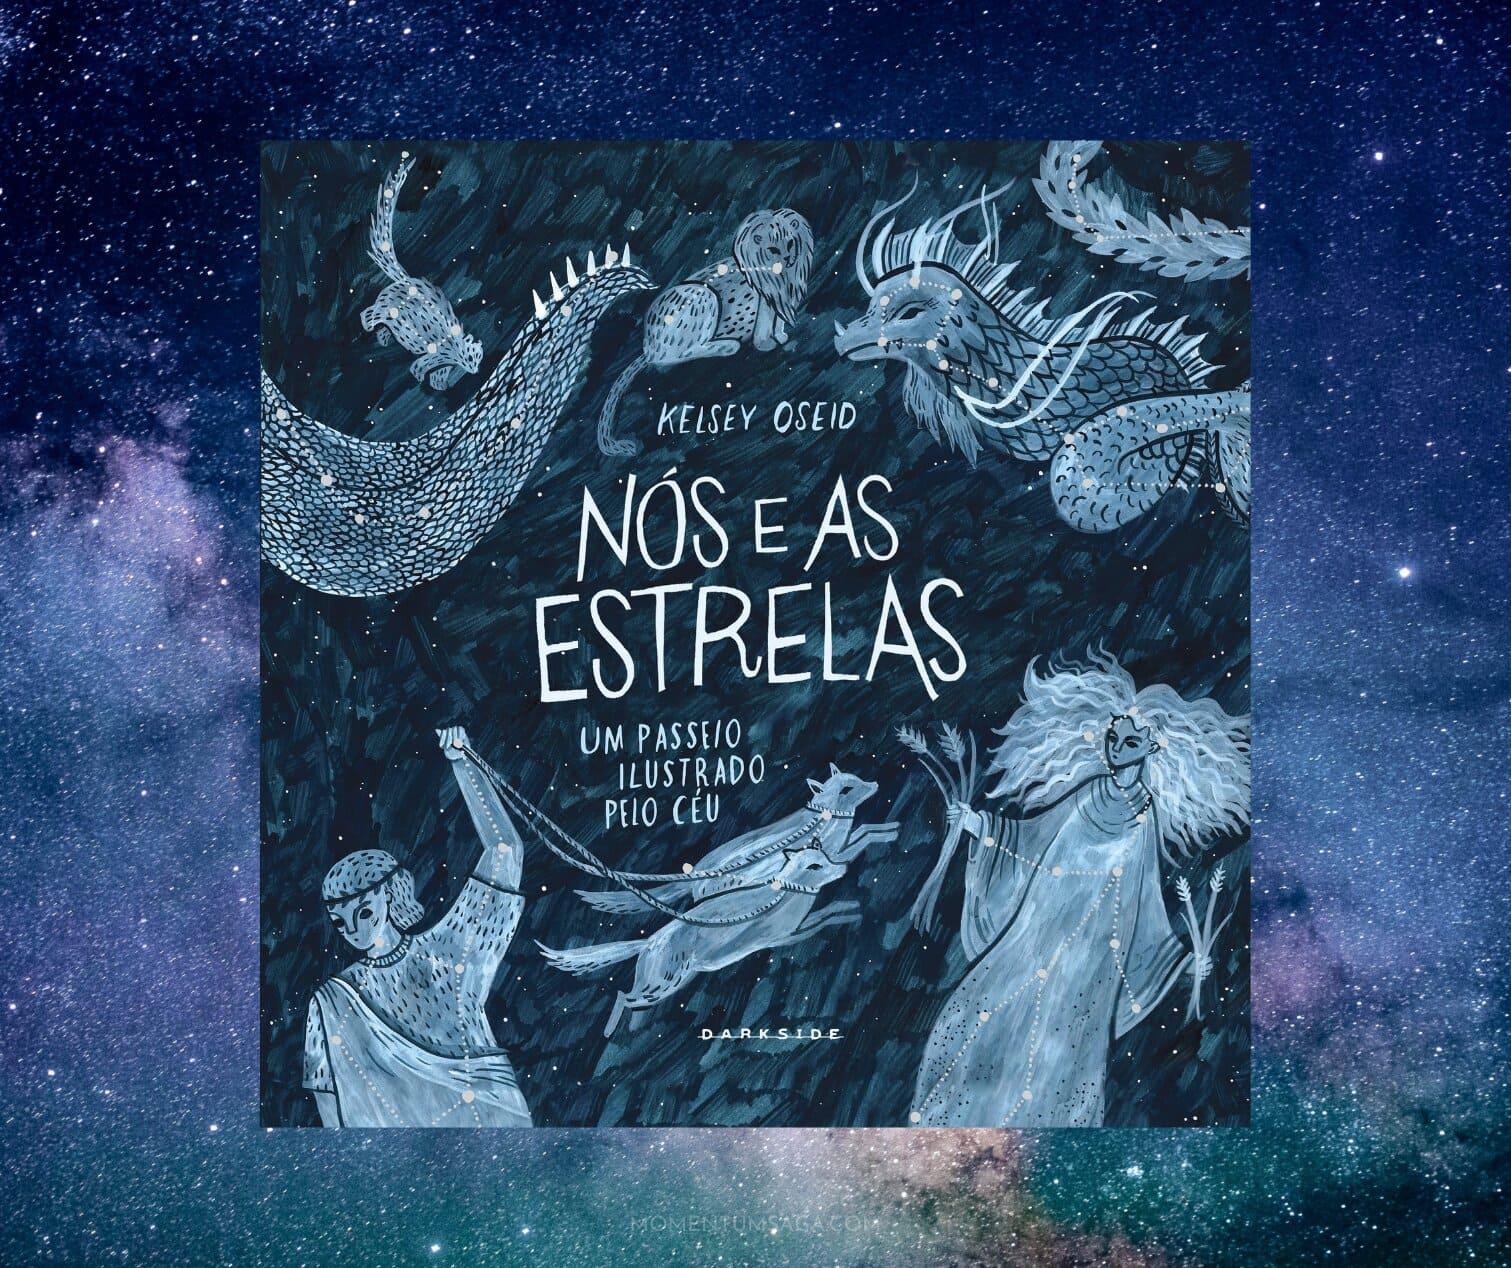 Resenha: Nós e as estrelas, de Kelsey Oseid